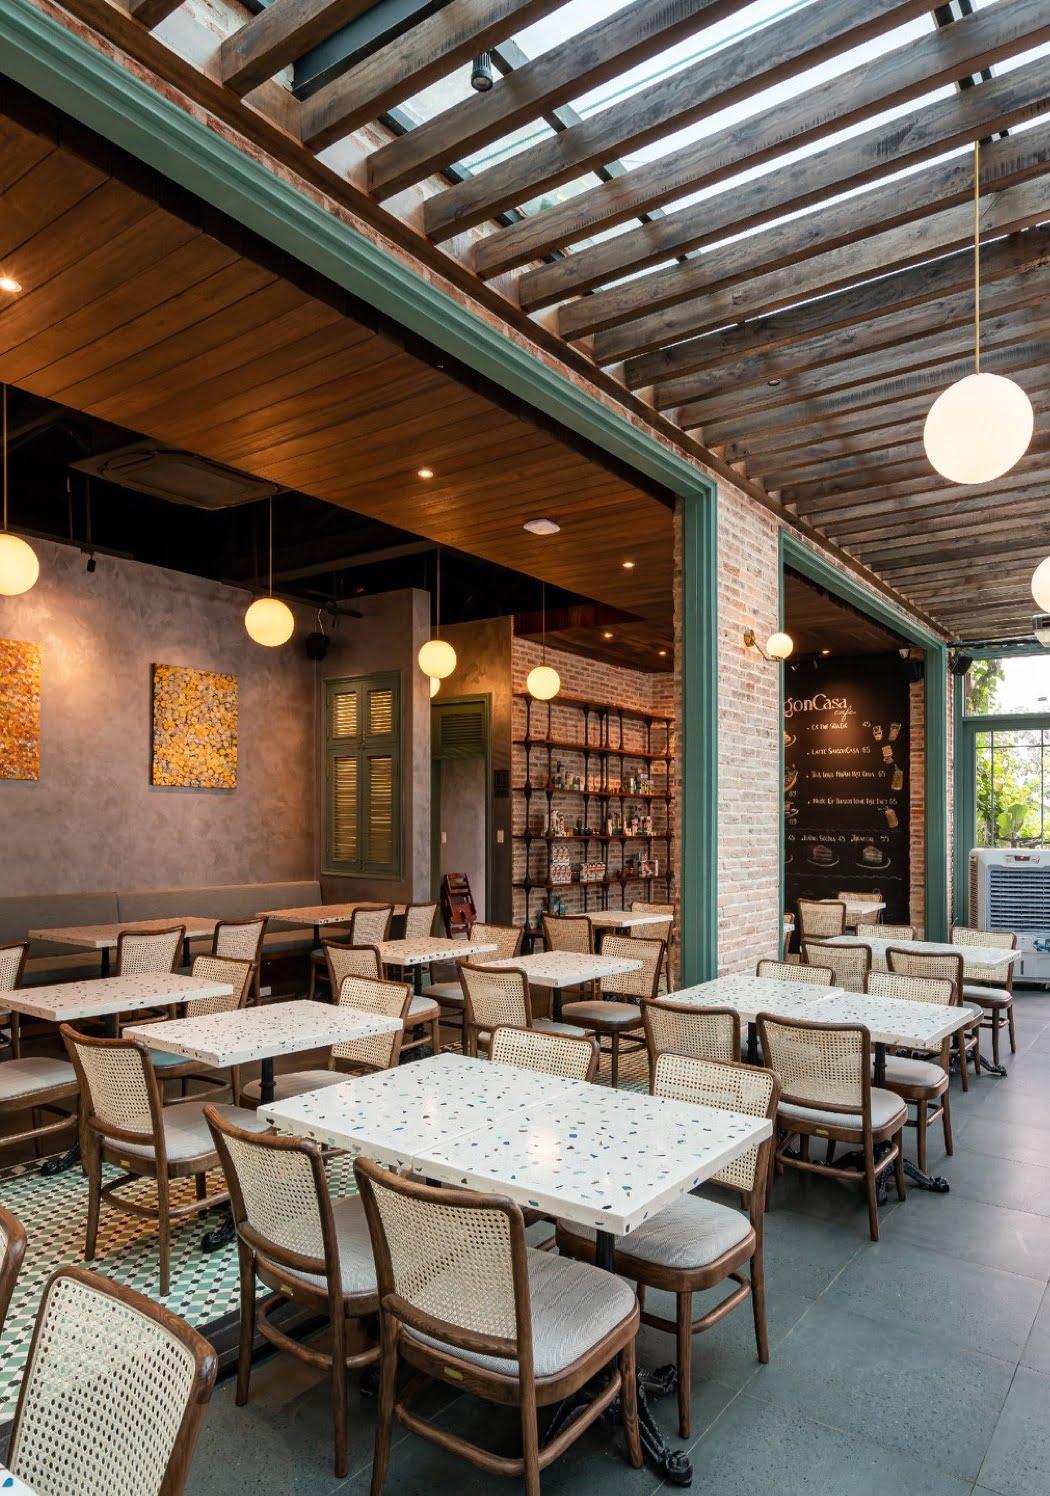 About Saigon Casa Cafe